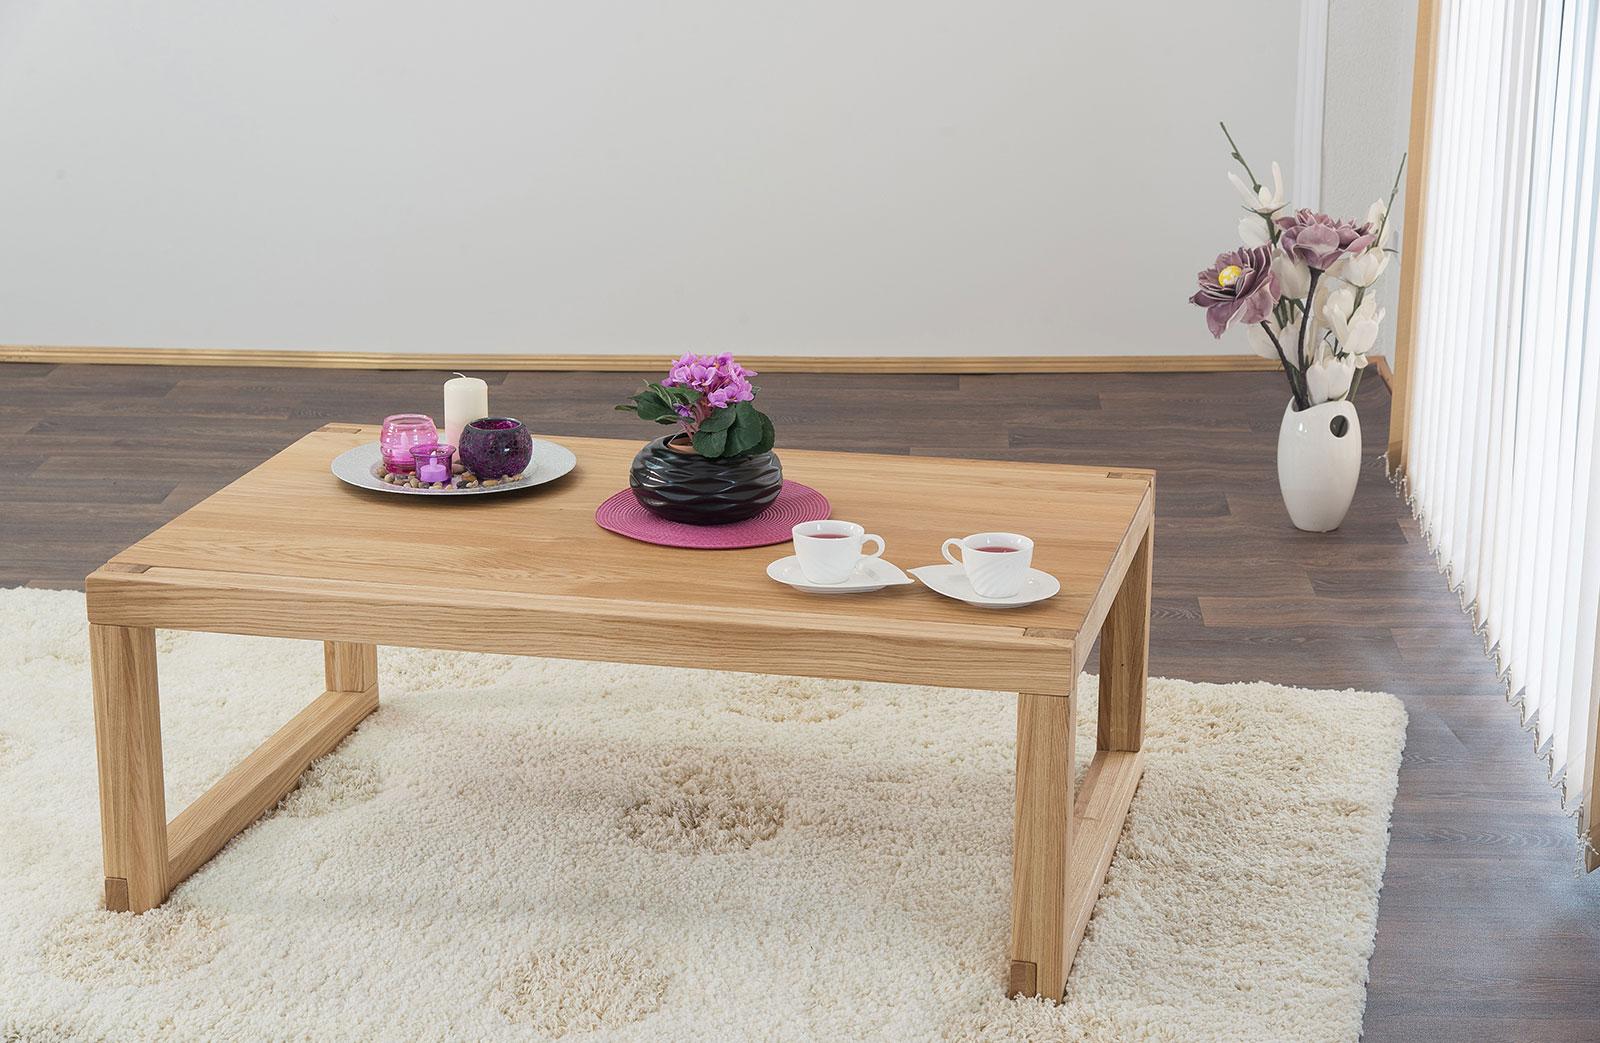 couchtisch ct080 dico m bel einer der f hrenden. Black Bedroom Furniture Sets. Home Design Ideas